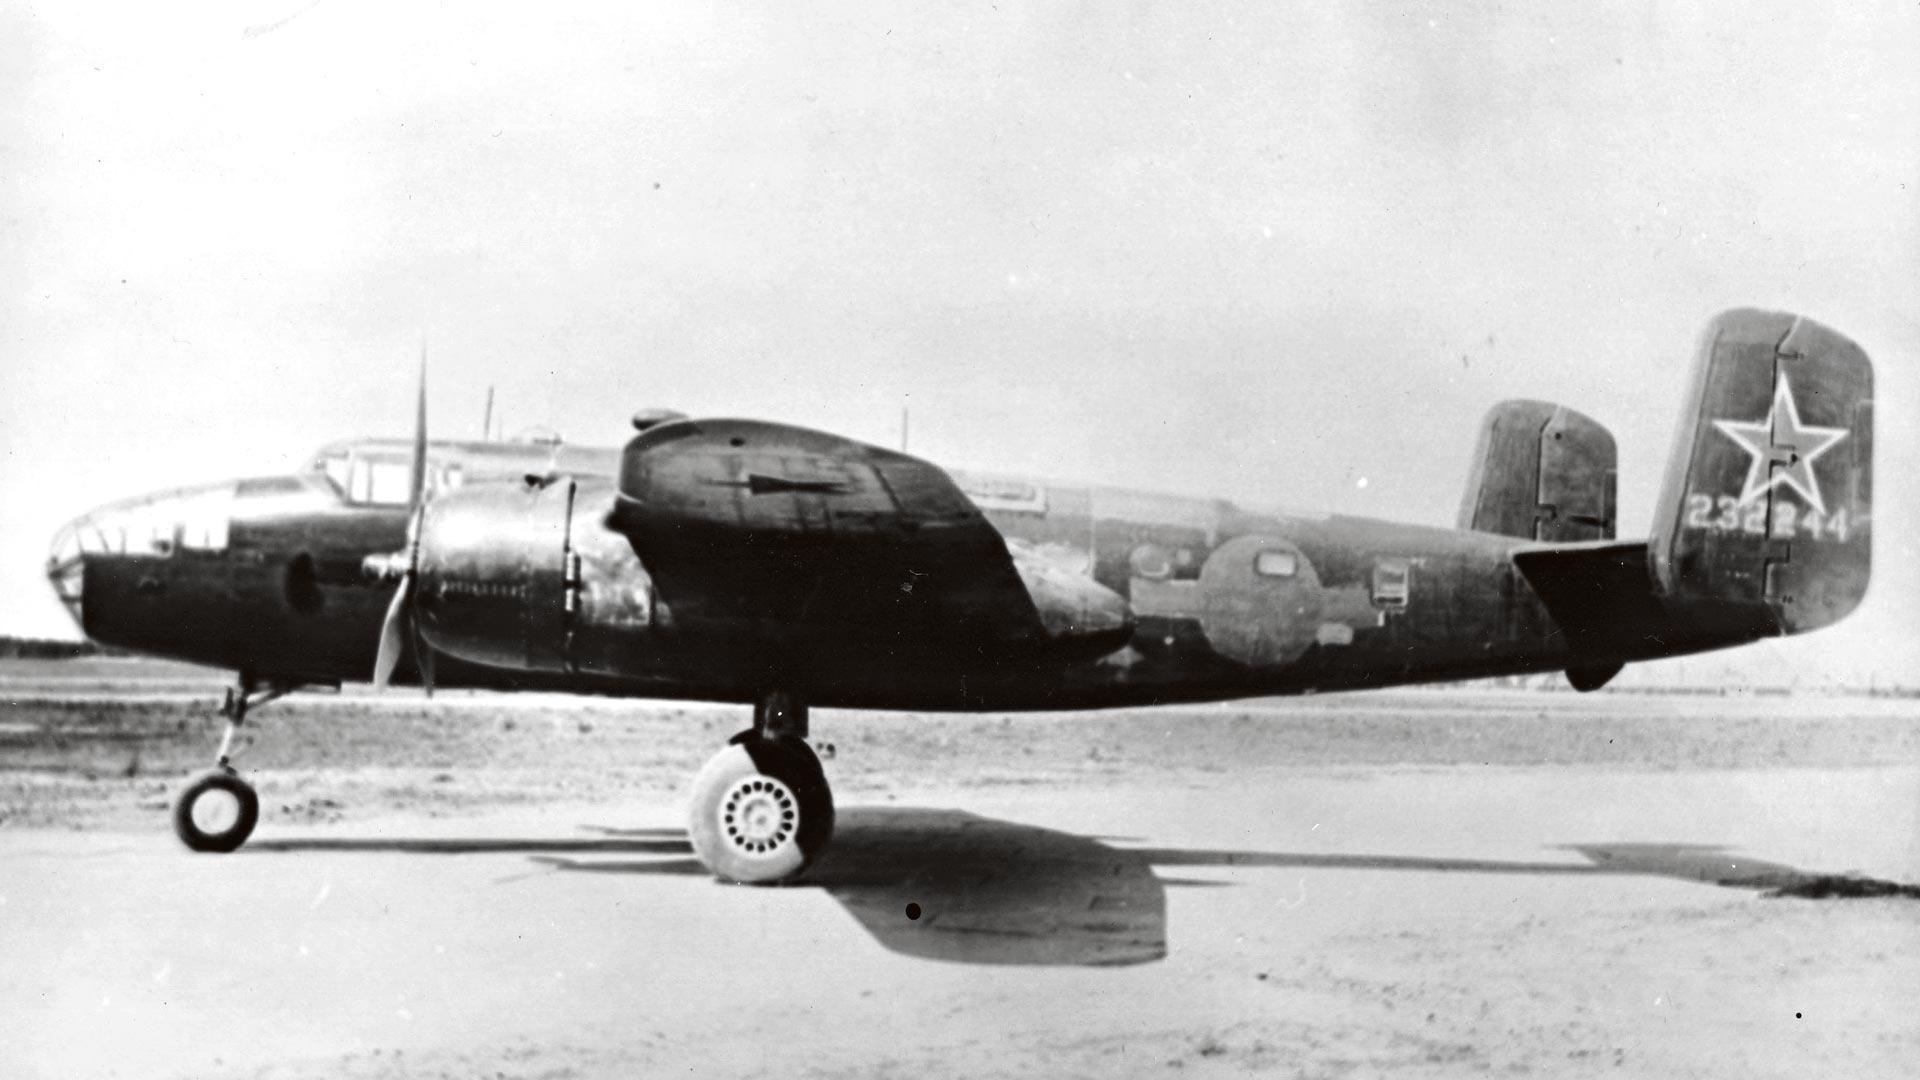 B-25 Mitchell -kone